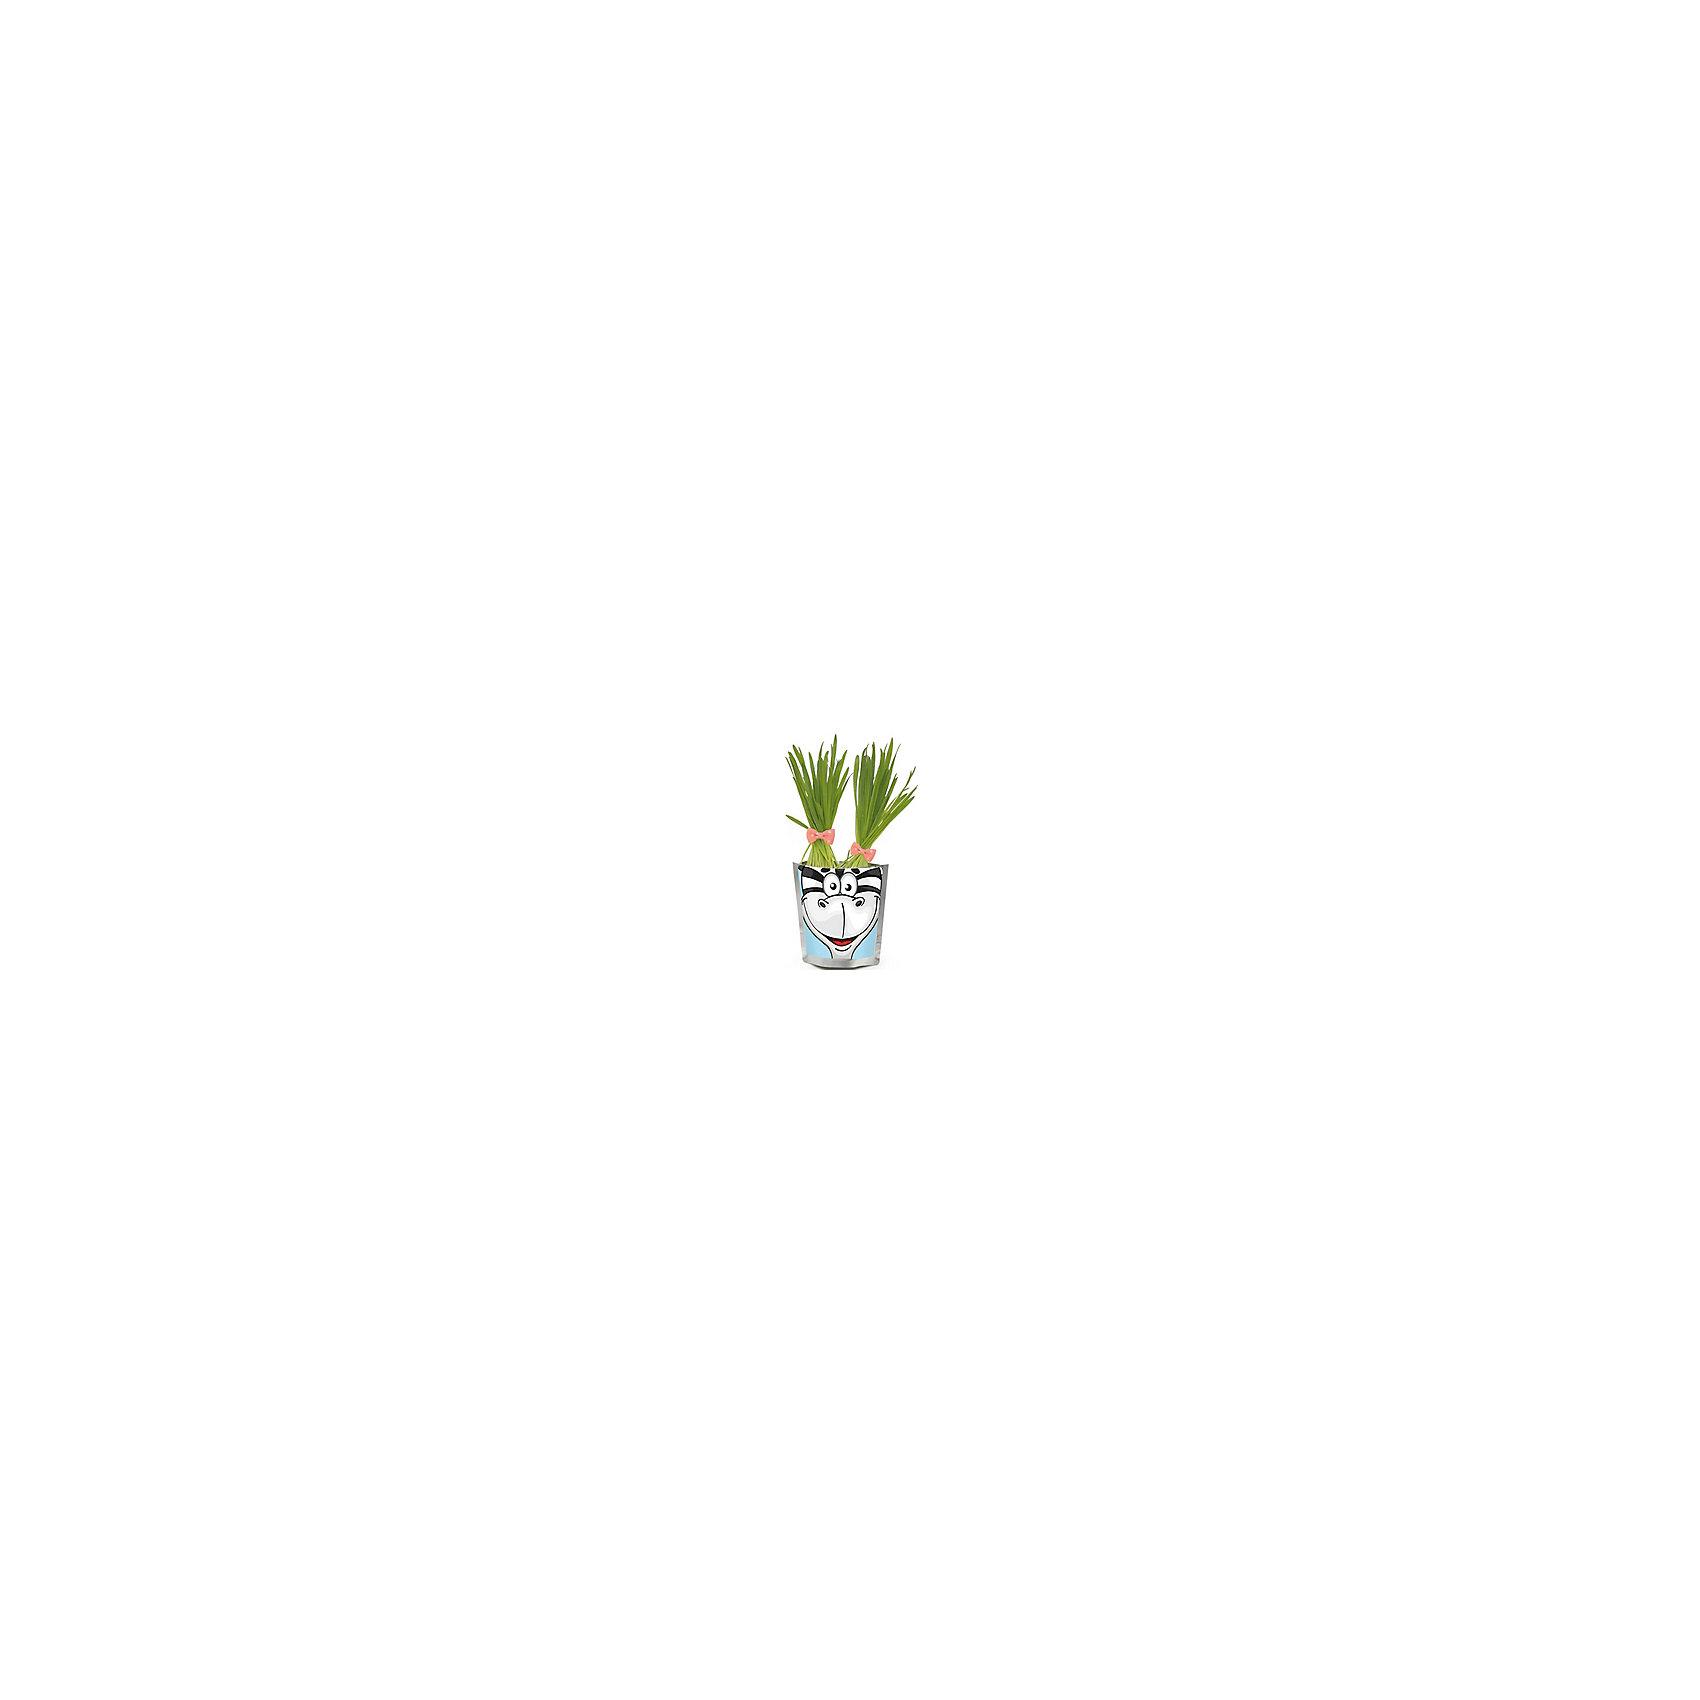 Happy Plant ЗебраВ наборах серии  - овес, который вырастает очень быстро, травка получается плотная, густая, зеленая, красивая уже через 3 дня. Детям очень нравится делать прическу своему зеленому питомцу: травку можно подстригать ножницами, создавать разные формы, можно завязывать резинками хвостики, можно даже заплетать зеленые косички!<br><br>Ширина мм: 180<br>Глубина мм: 130<br>Высота мм: 80<br>Вес г: 230<br>Возраст от месяцев: 168<br>Возраст до месяцев: 240<br>Пол: Унисекс<br>Возраст: Детский<br>SKU: 5053995